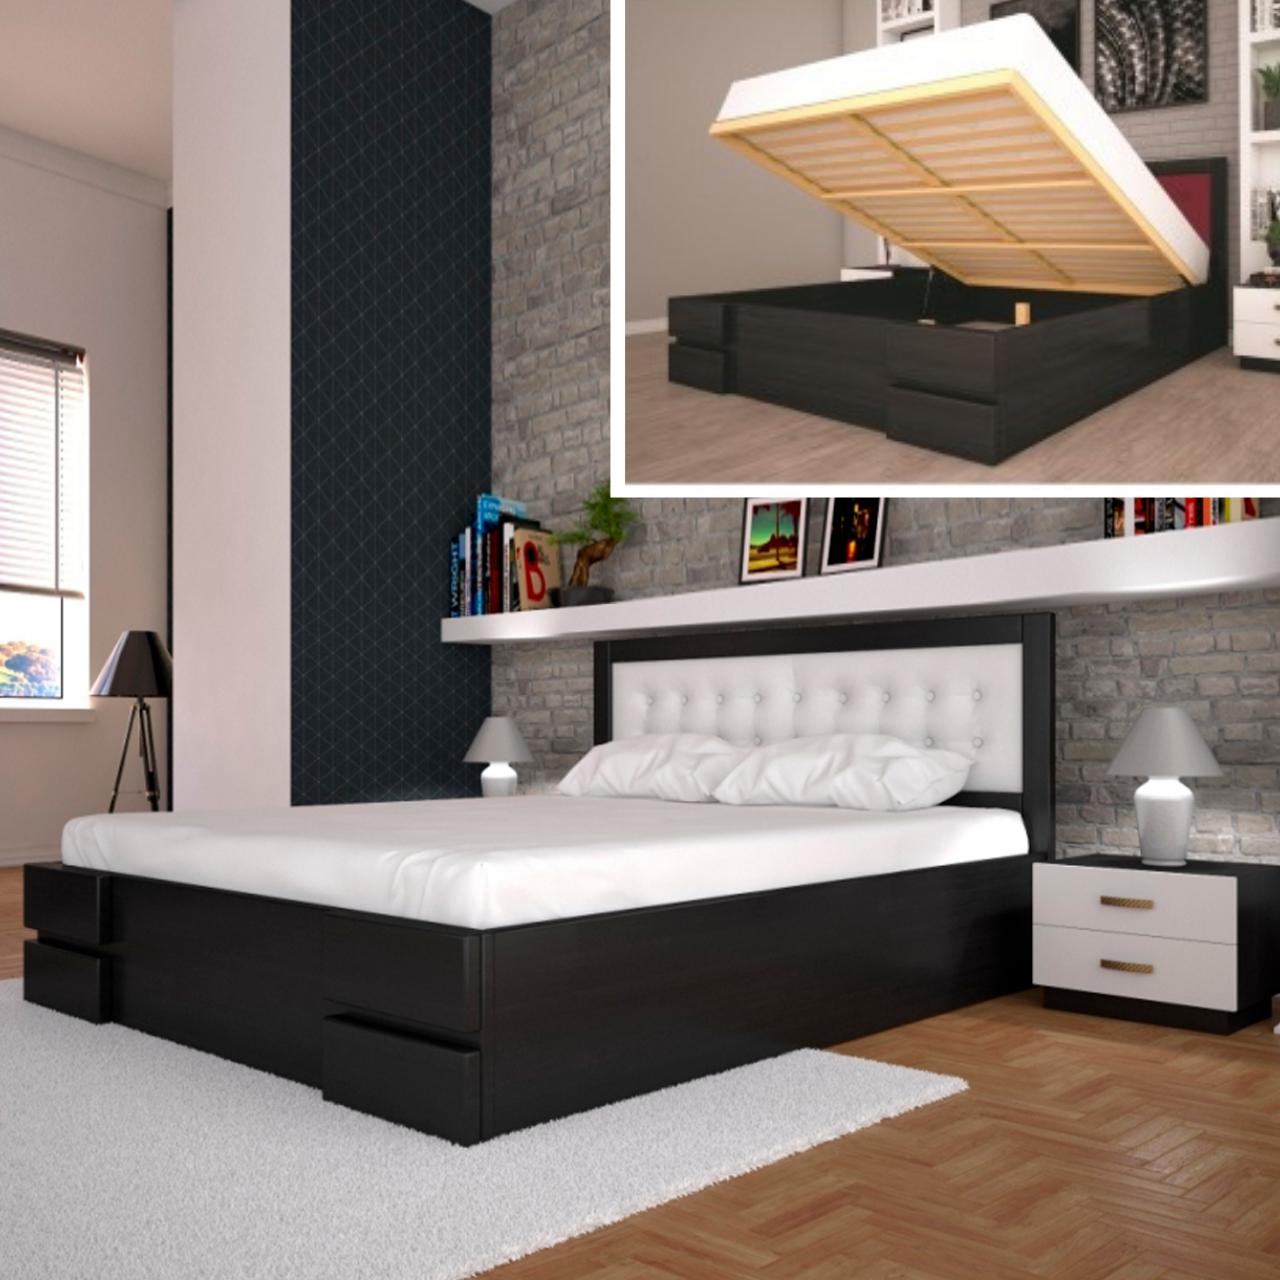 Кровать деревянная Кармен двуспальная с подъемным механизмом